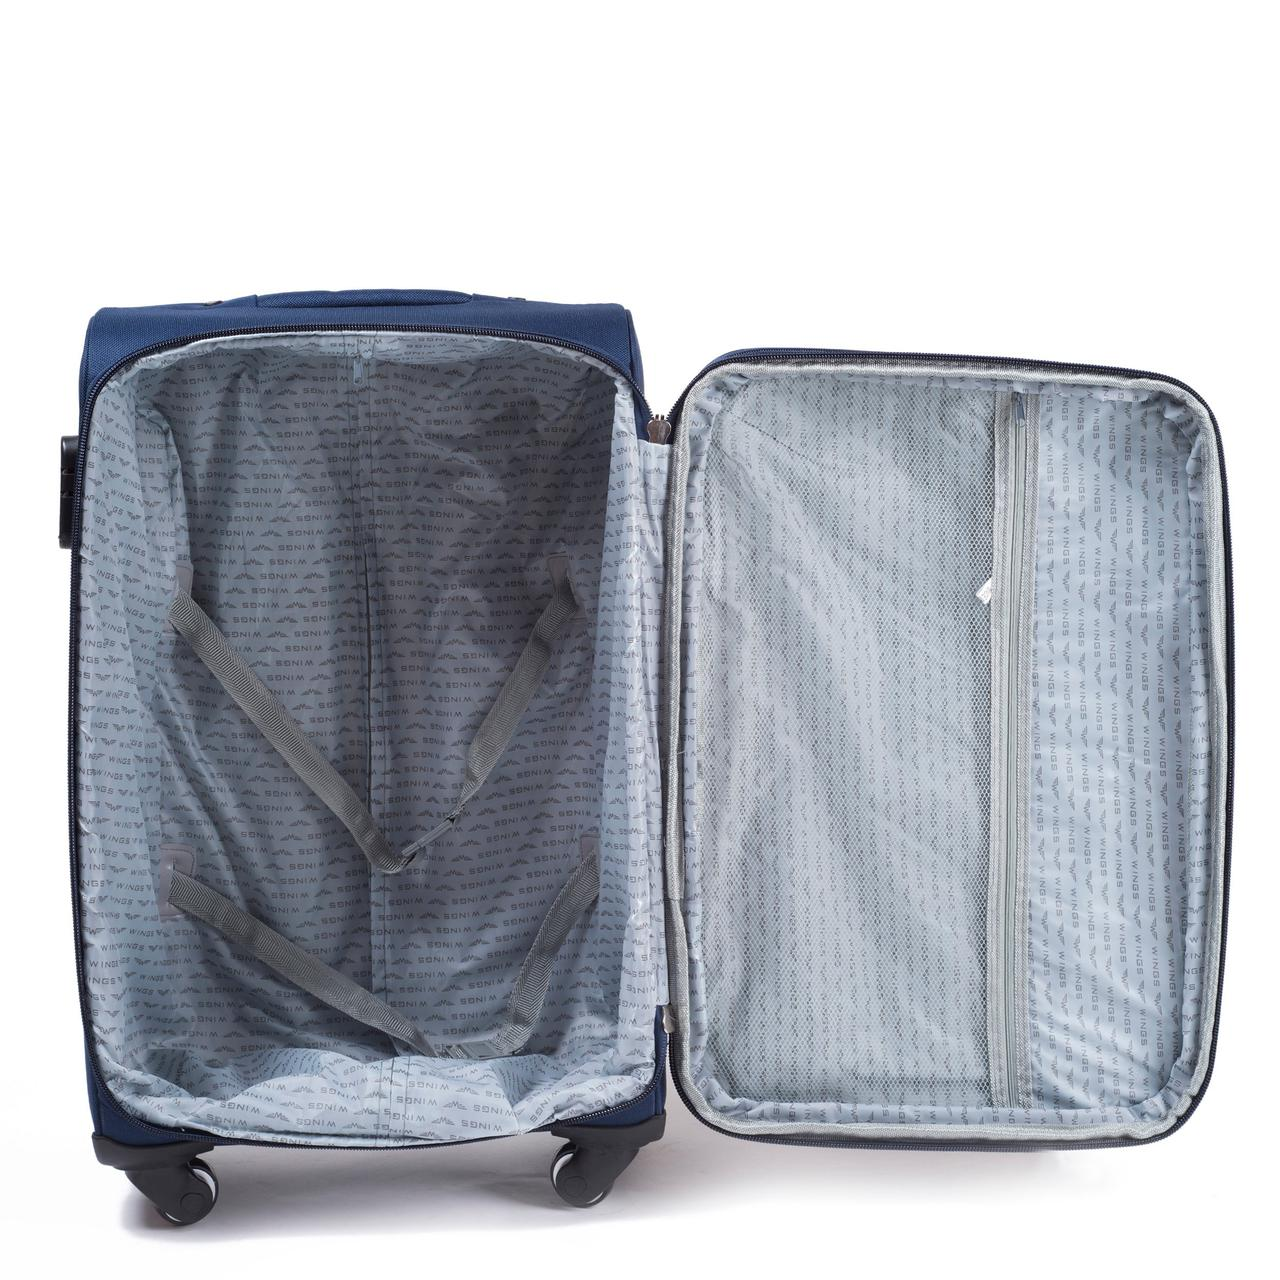 ... Дорожный чемодан на колесах WINGS 1706 тканевый с выдвижной ручкой  (Большой), ... 7300c3b178d